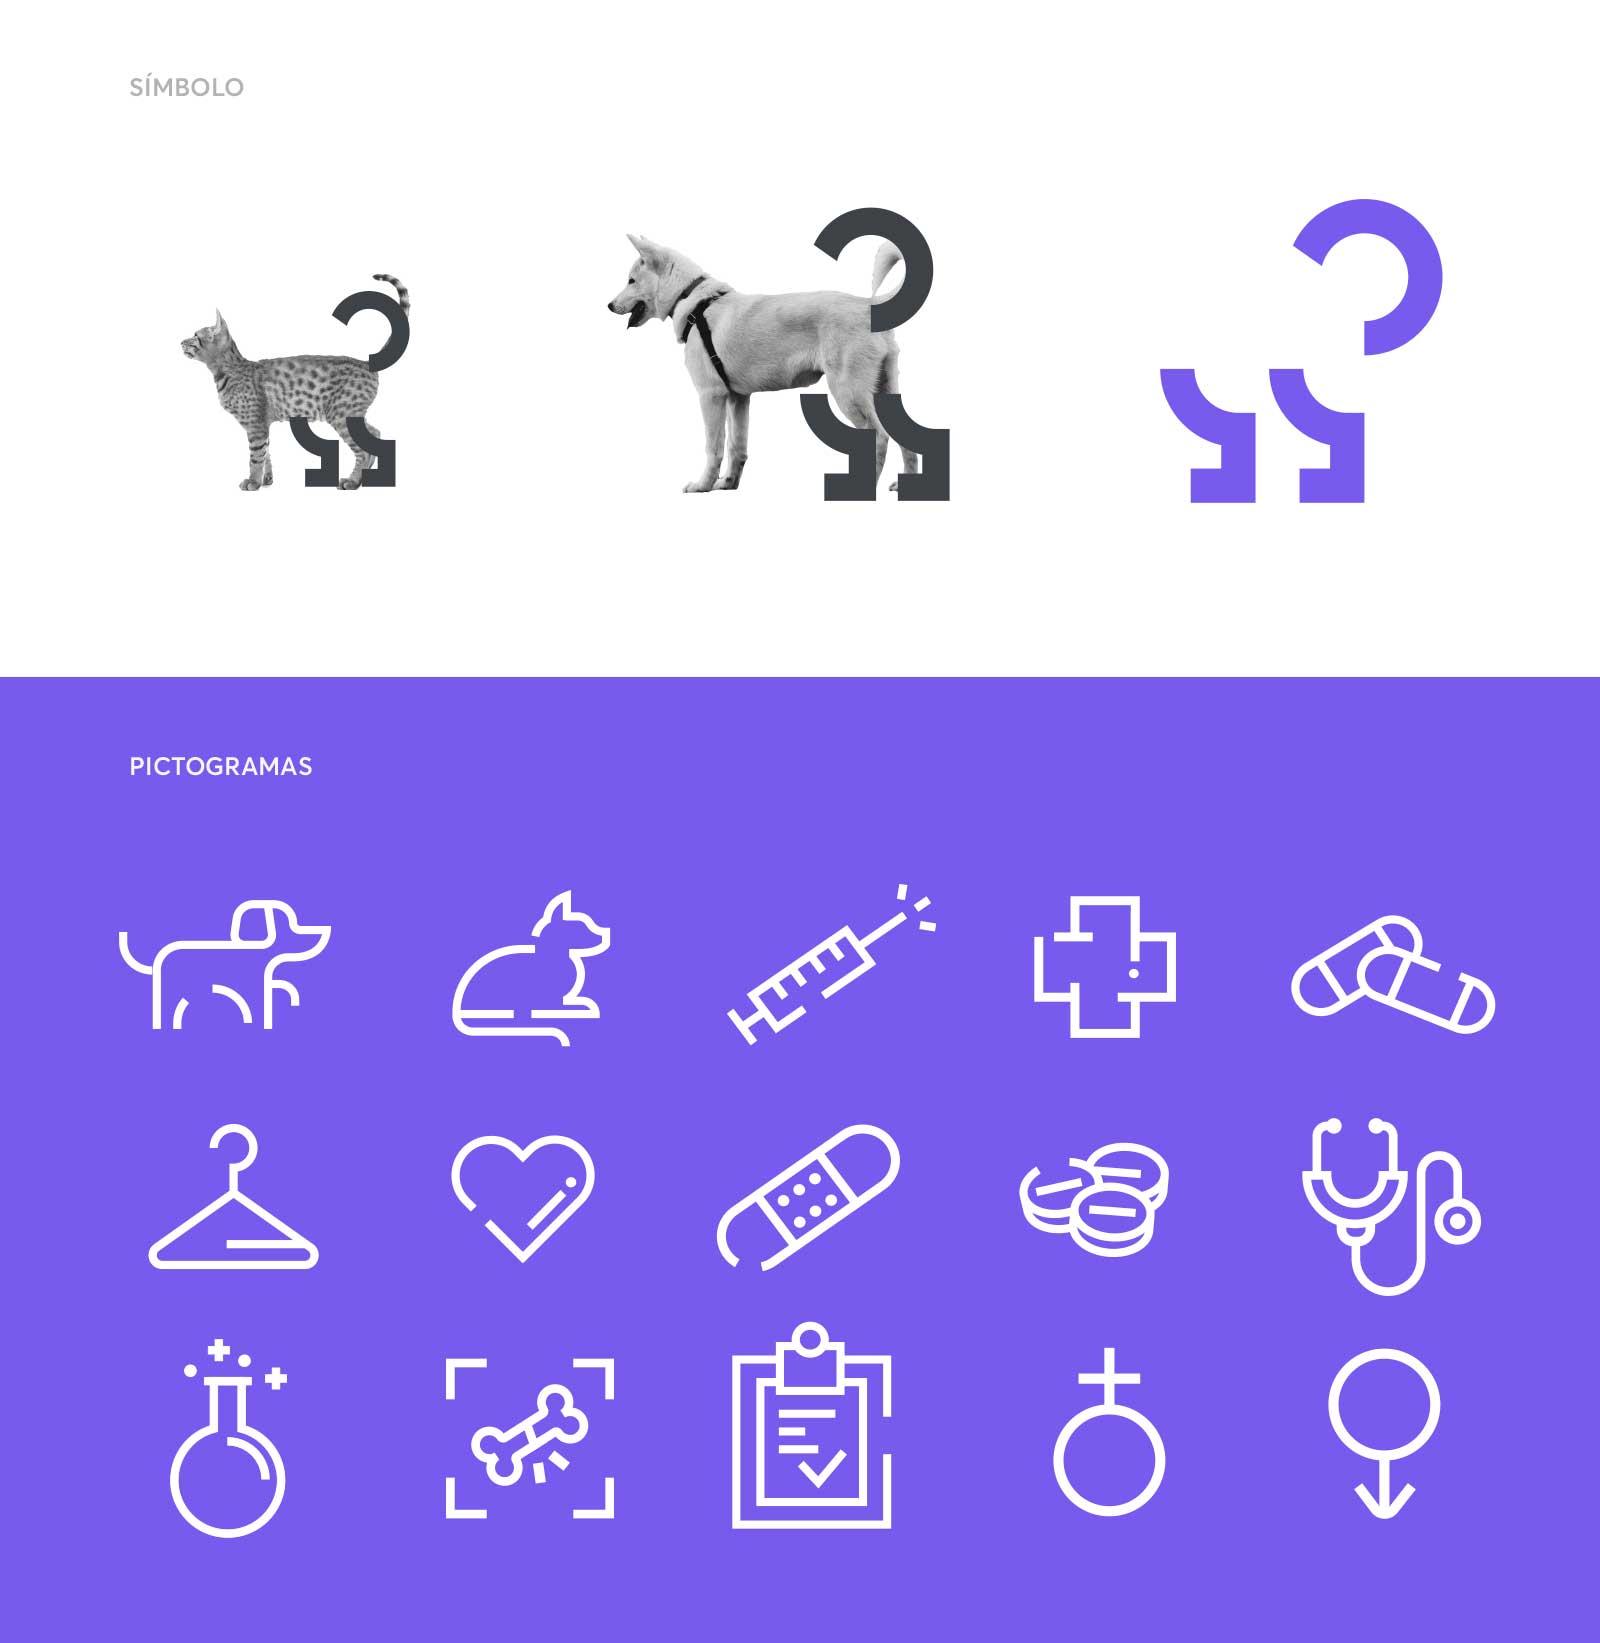 pictogramas y conceptualización del símbolo